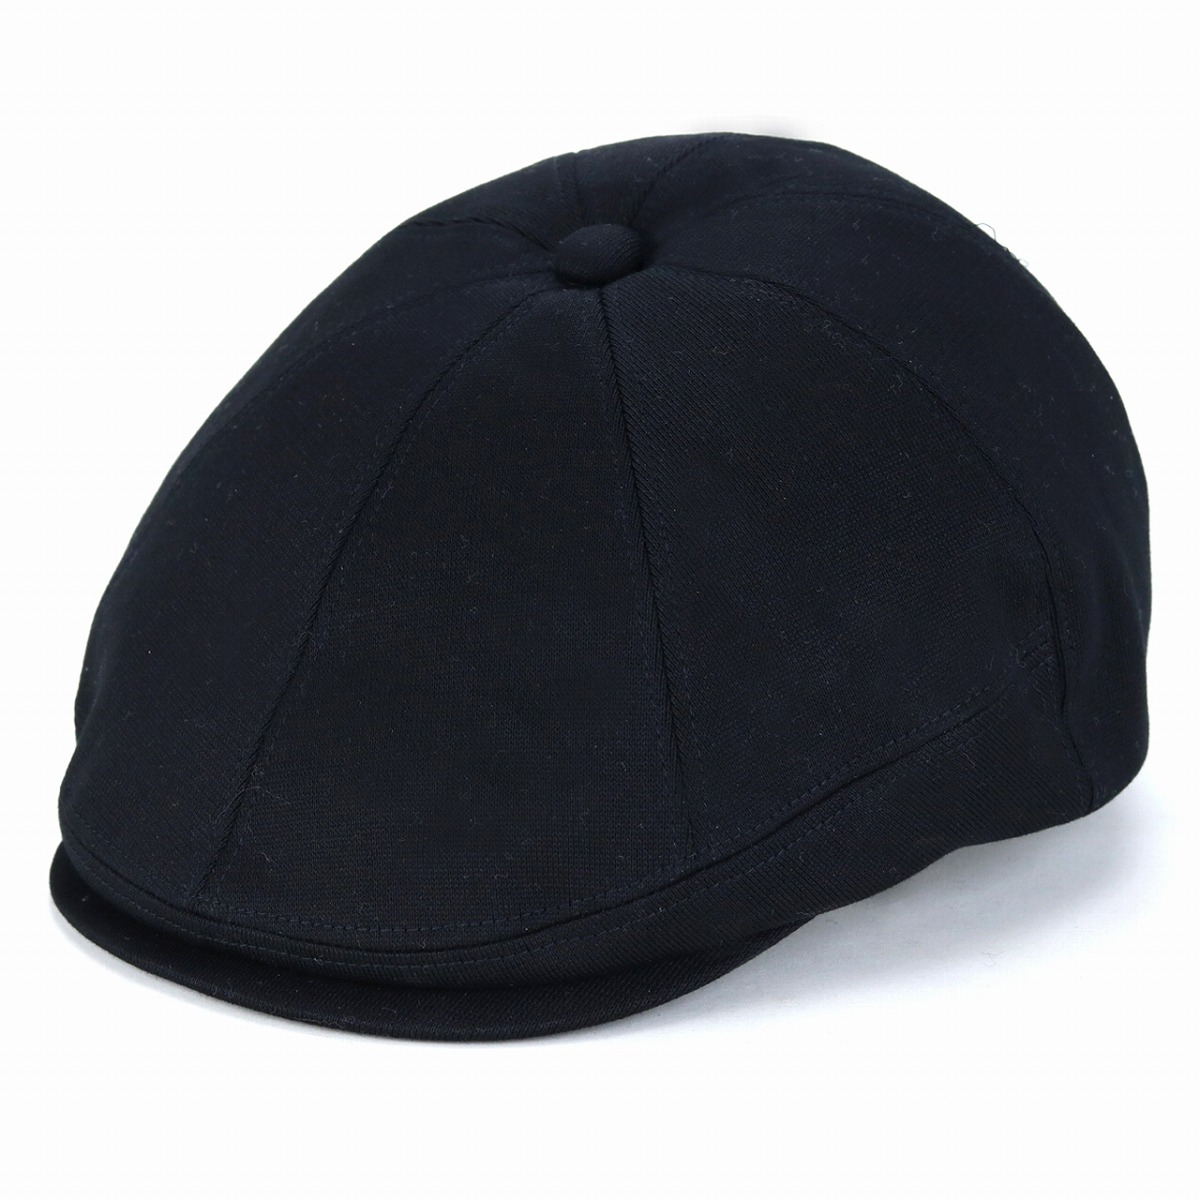 メンズ [ newsboy cap ] カーキベージュ/ キャスハンチング